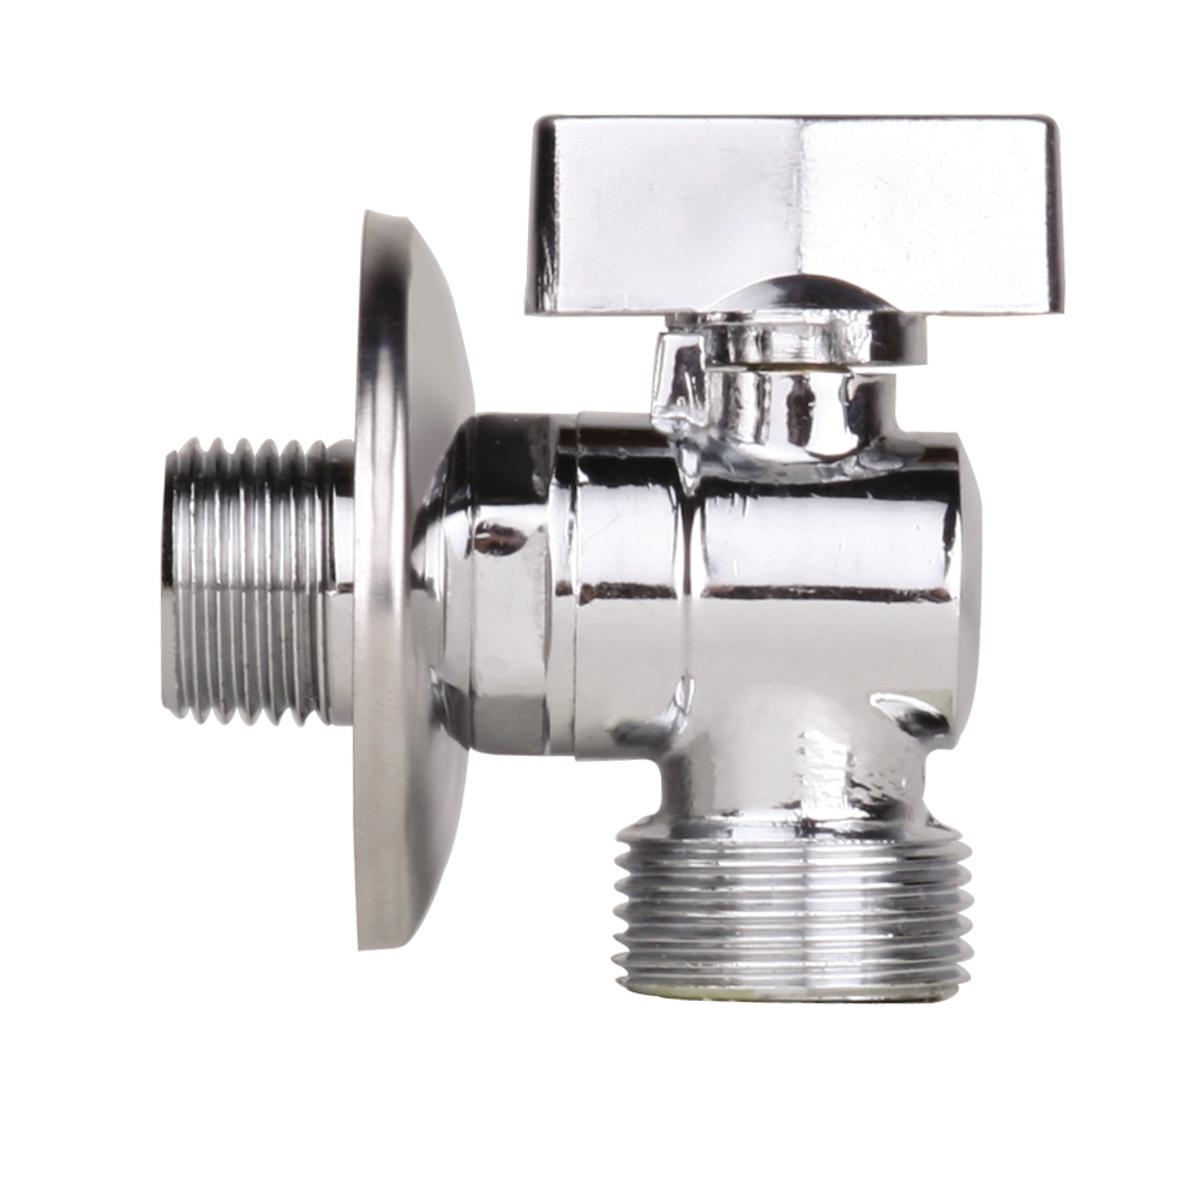 Кран шаровый усиленный угловой для подключения стационарных приборов с отражателем 1/2х1/2, резьба: наружная/наружная, хромированный, JIF 26168/5/3Кран шаровый усиленный угловой для подключения стационарных приборов с отражателем 1/2х1/2, резьба: наружная/наружная, хромированный, JIF 261 предназначен для подключения к холодной и горячей водопроводной сети санитарных приборов (смывных бачков, смесителей, стиральных и посудомоечных машин и пр.) с помощью гибких соединителей с накидной гайкой. Кран позволяет перекрывать подачу воды к конкретному источнику потребления воды.